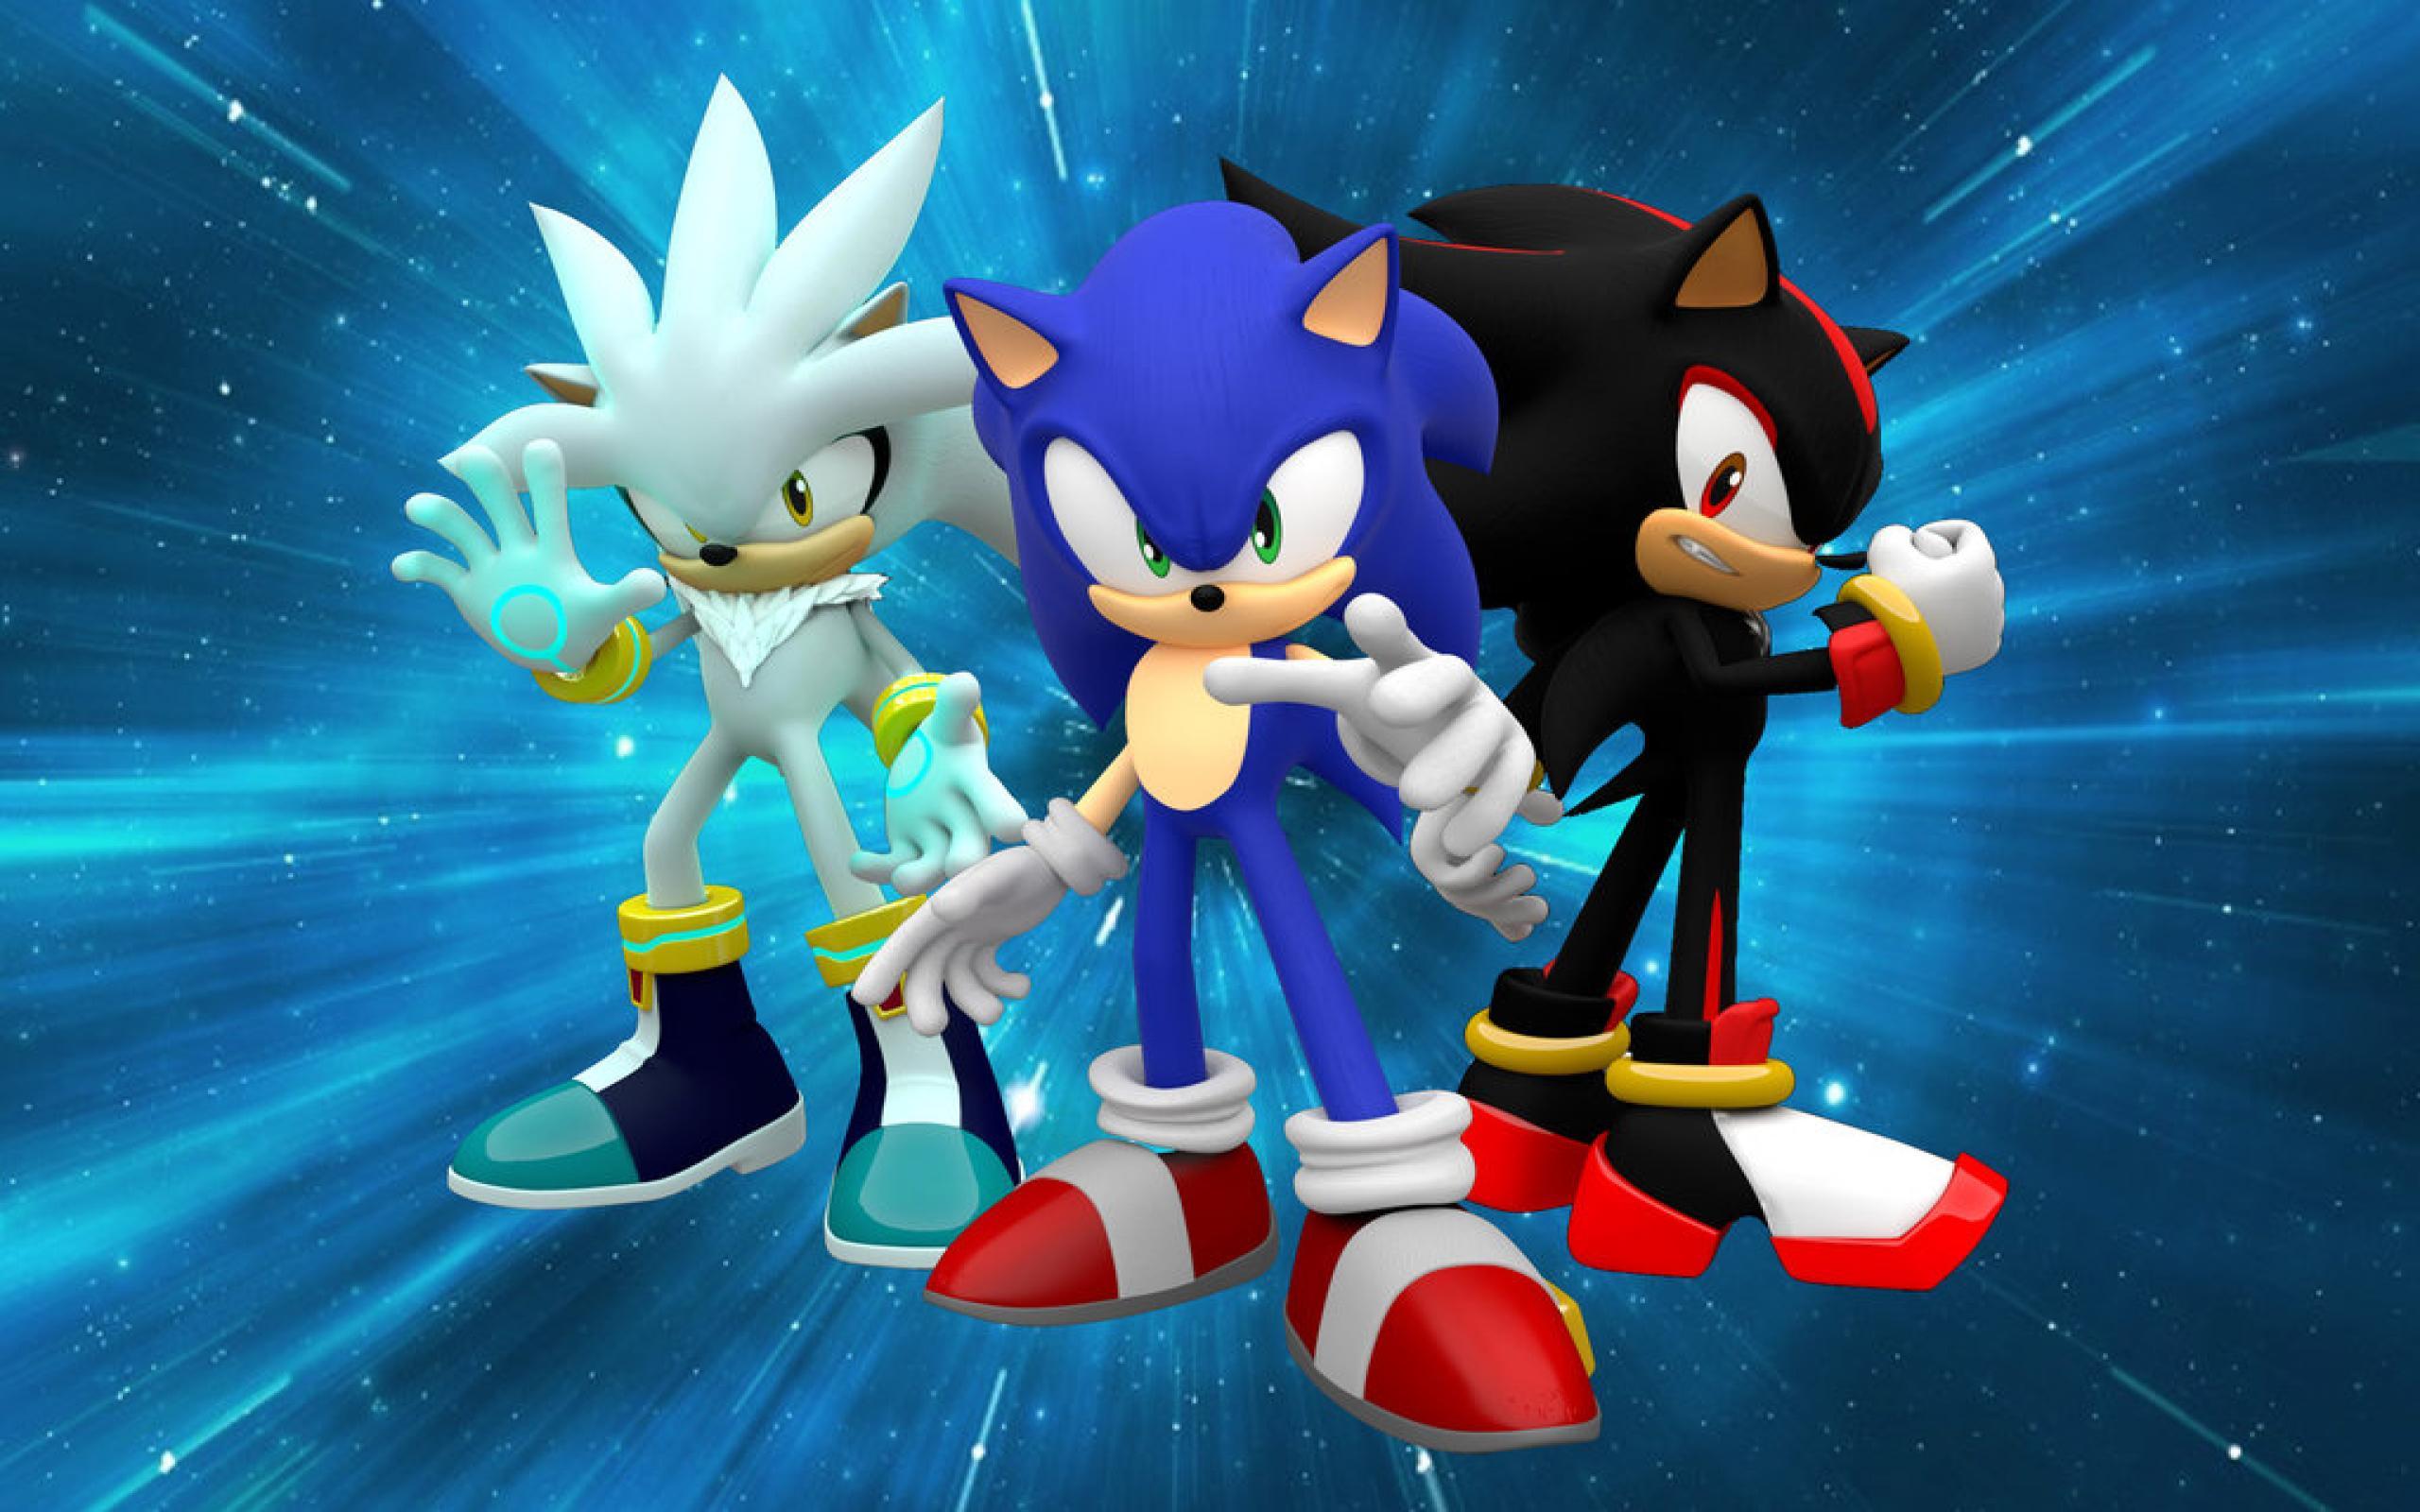 Sonic Shadow Wallpaper 4k Sonic The Hedgehog 2560x1600 Wallpaper Teahub Io